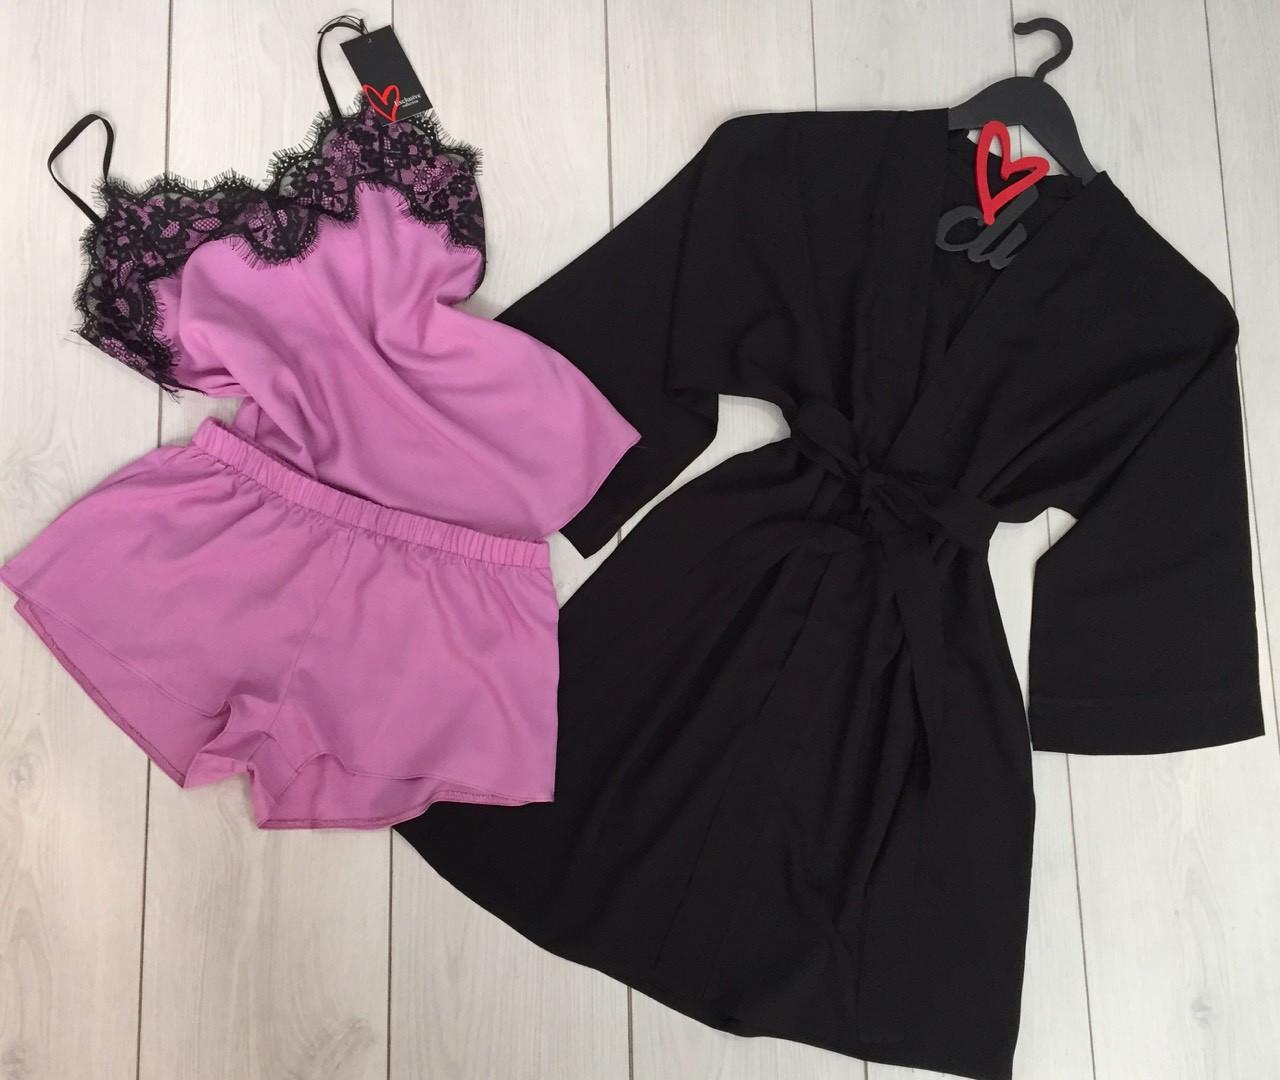 Комплект женский домашний, хлопковая пижама с красивым кружевом